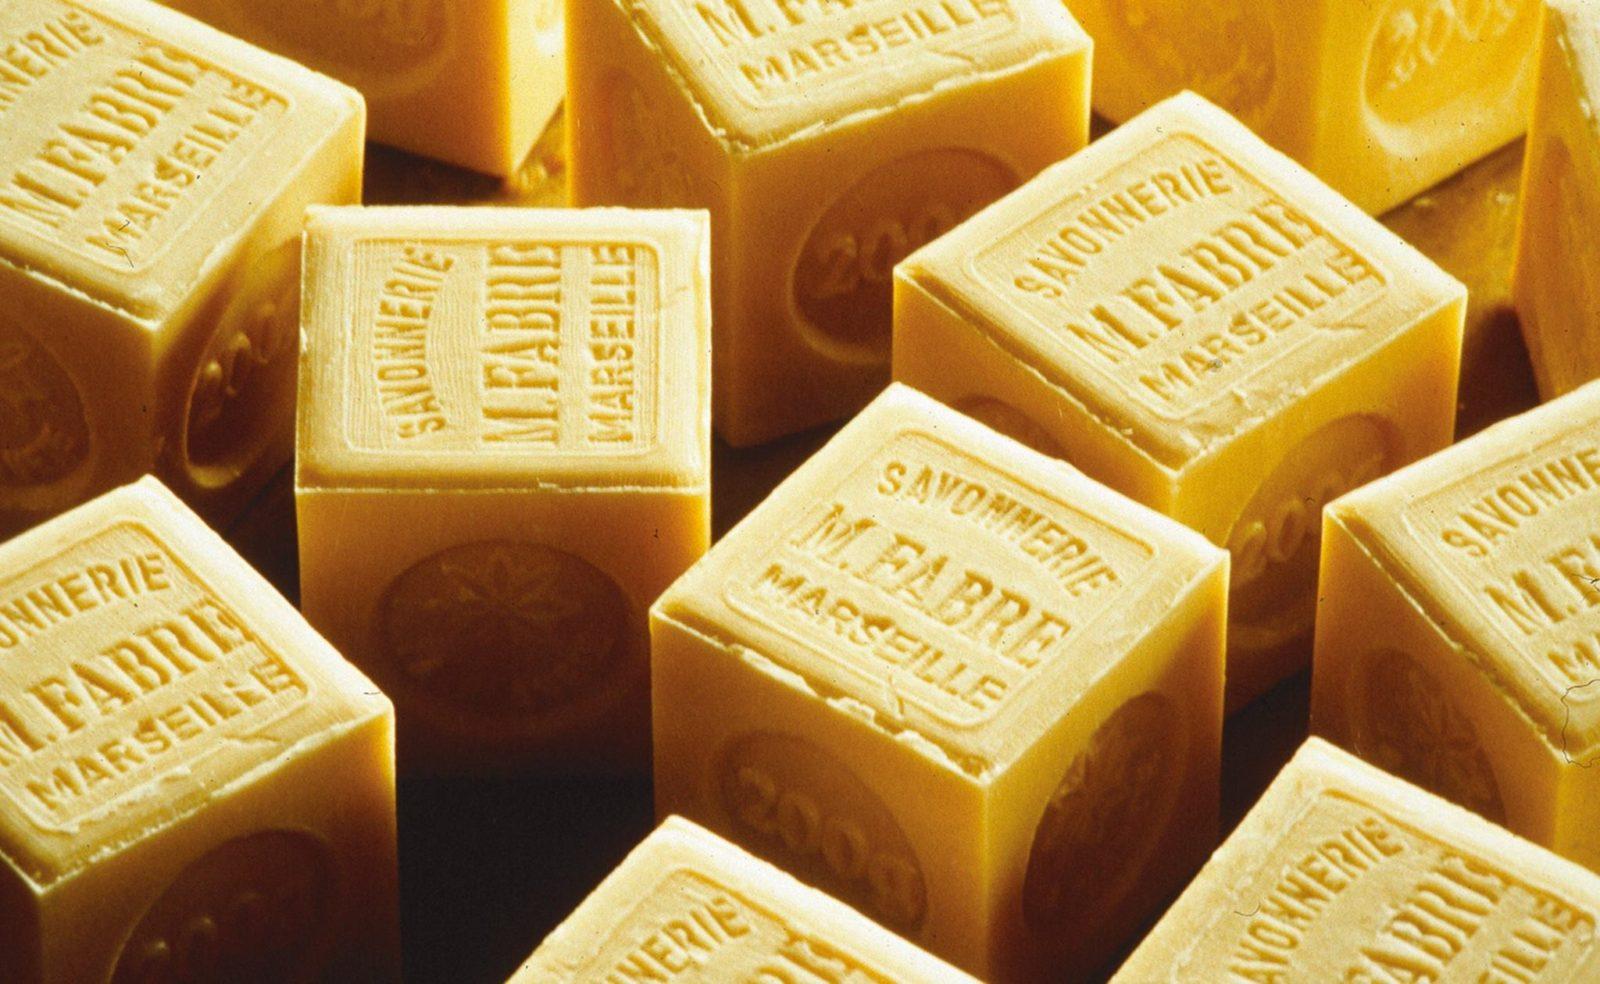 マルセイユ伝統的な釜炊き製法で作られた100年以上変わらない無添加のオリーブ石鹸 LA CORVETTE サボン・ド・マルセイユ。